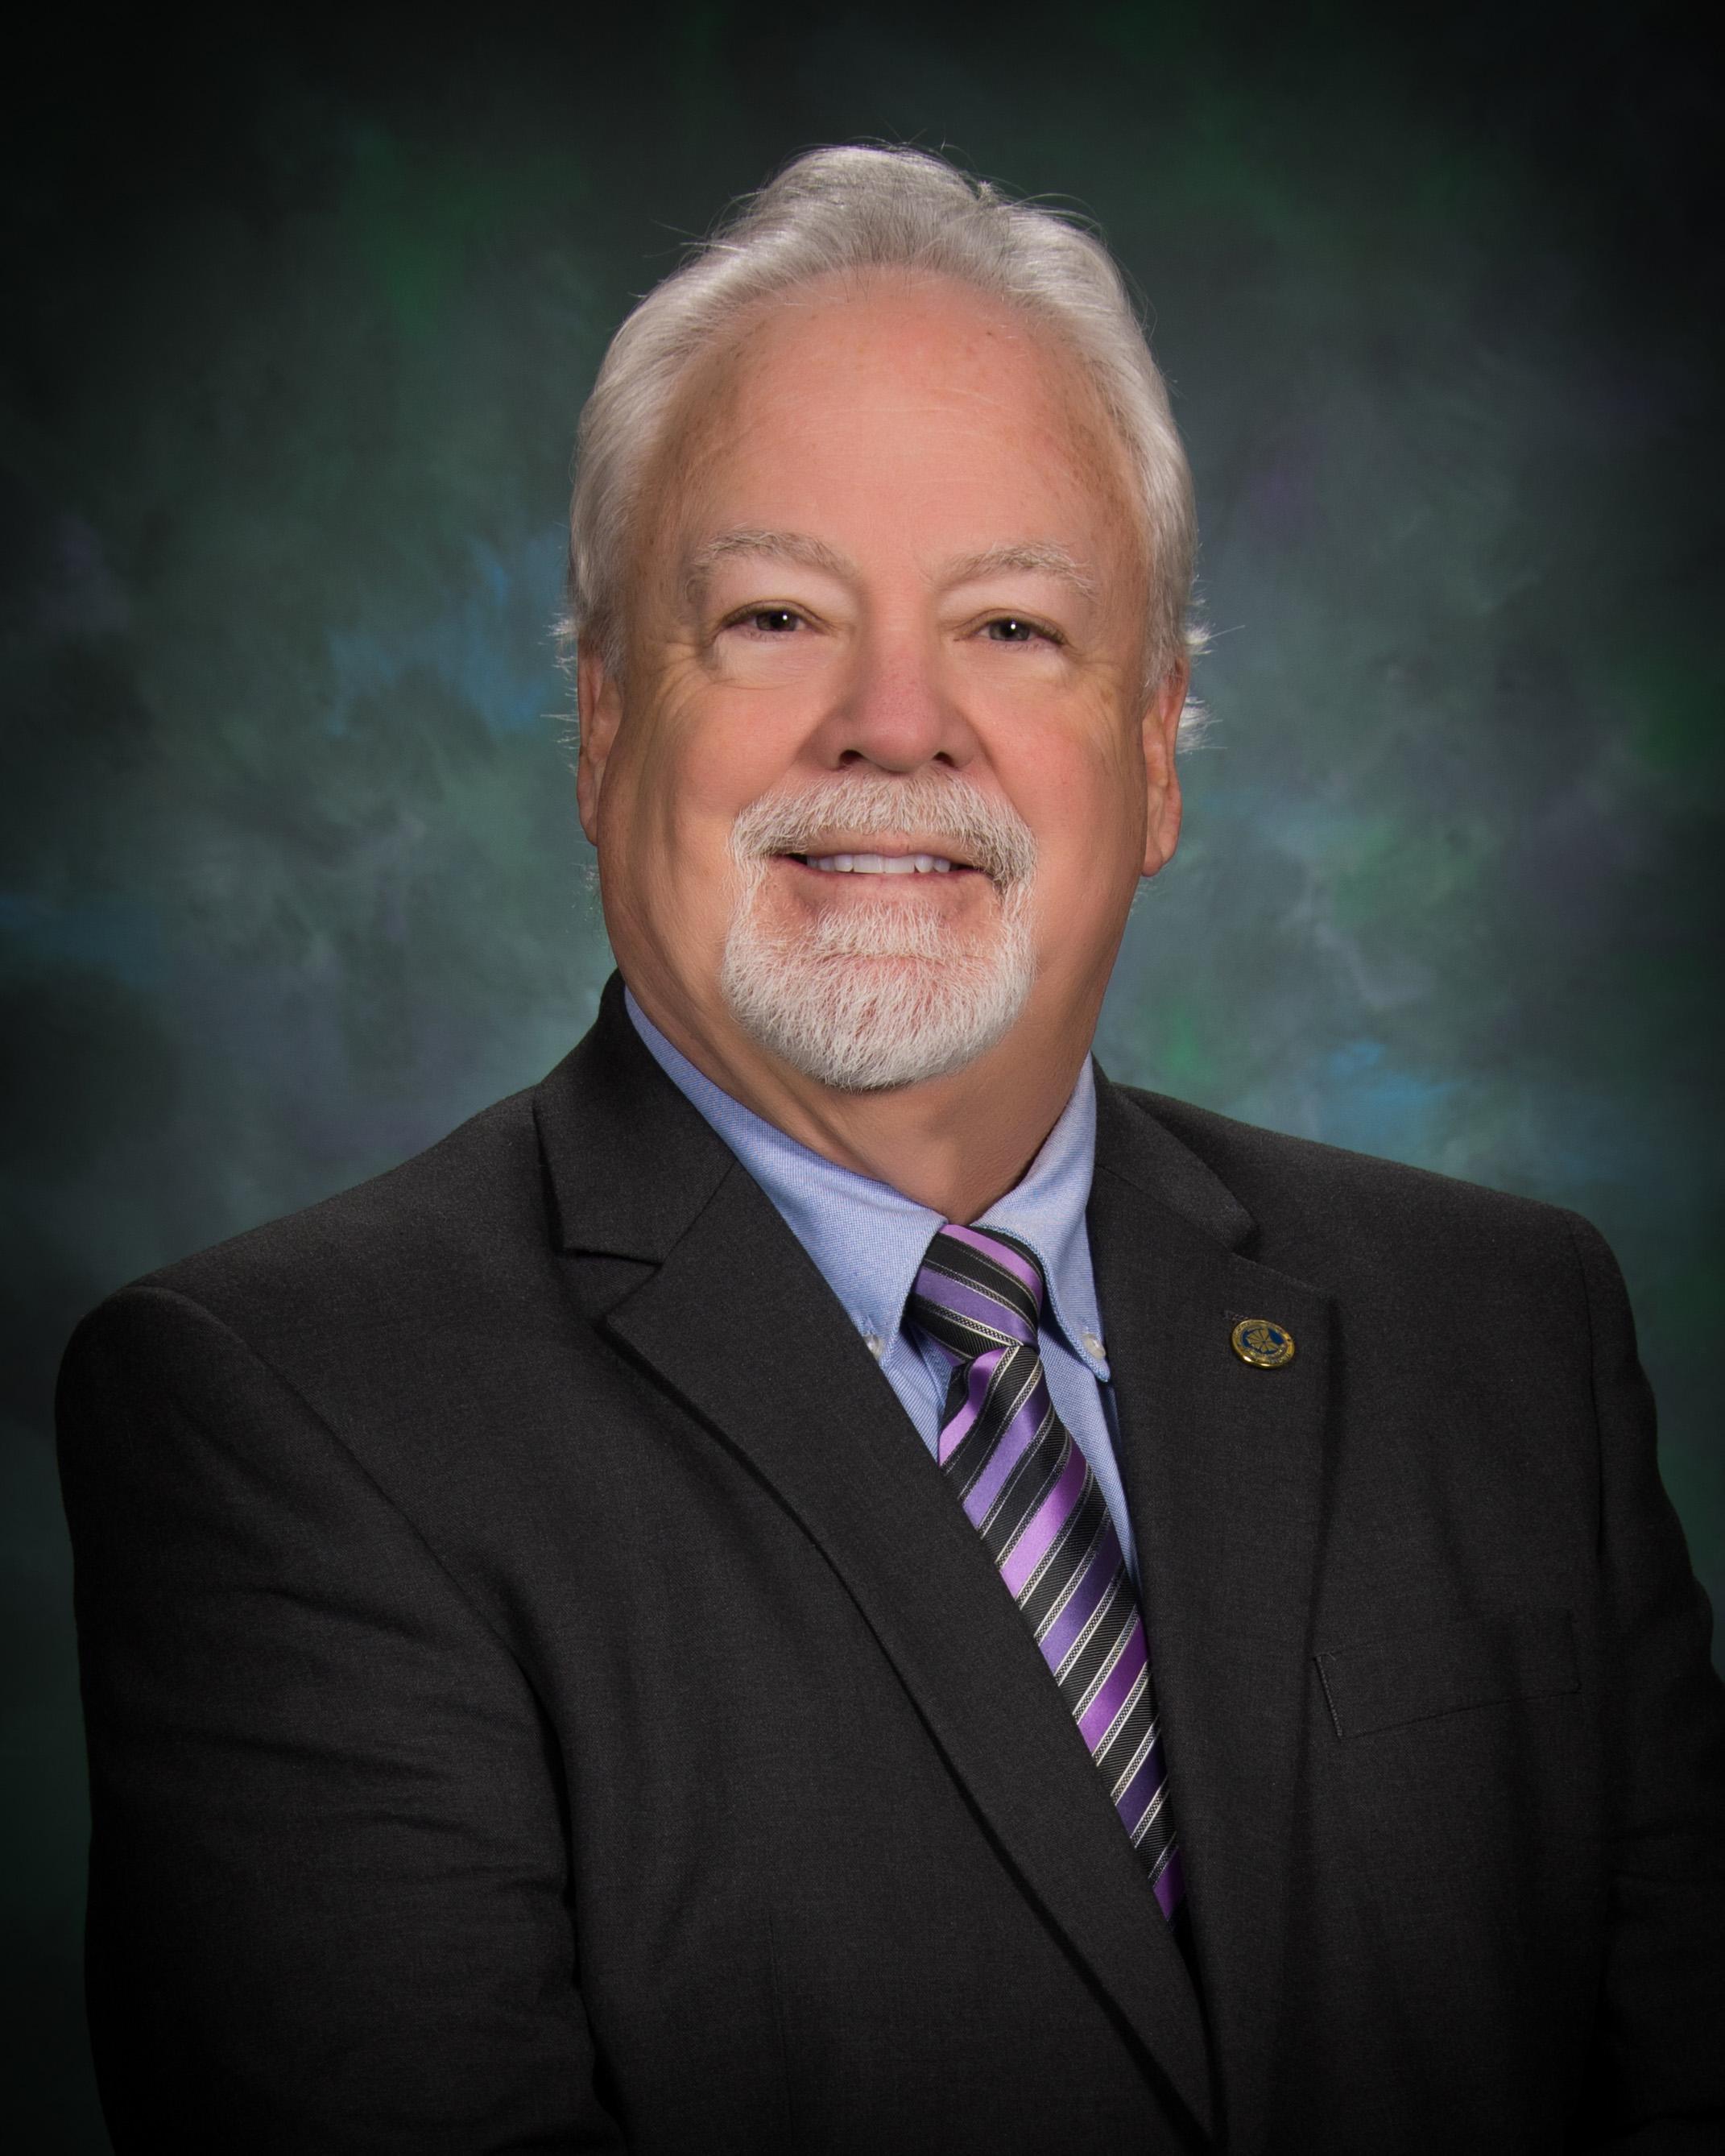 Michael C. Boose